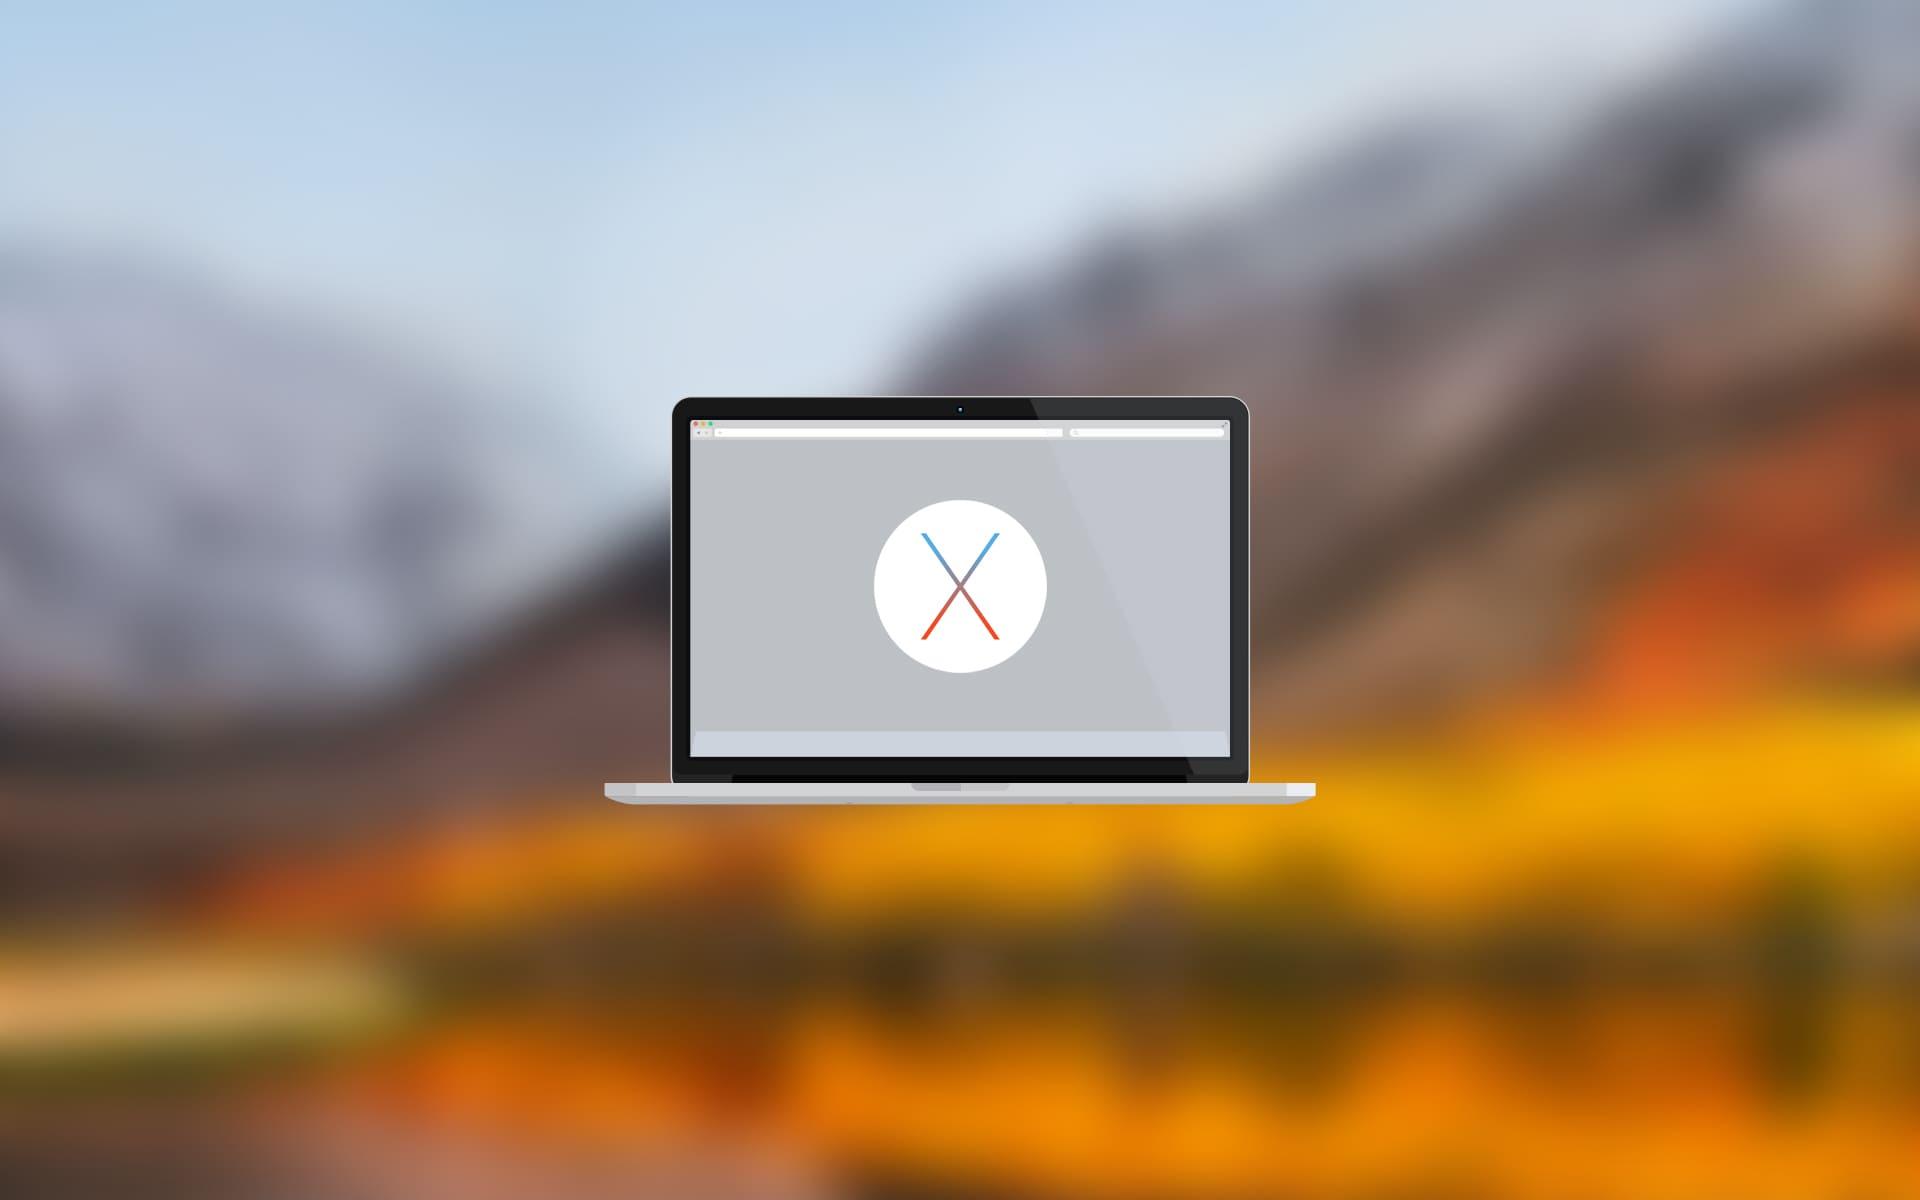 Sierra から macOS High Sierra (10.13.6) にアップグレード